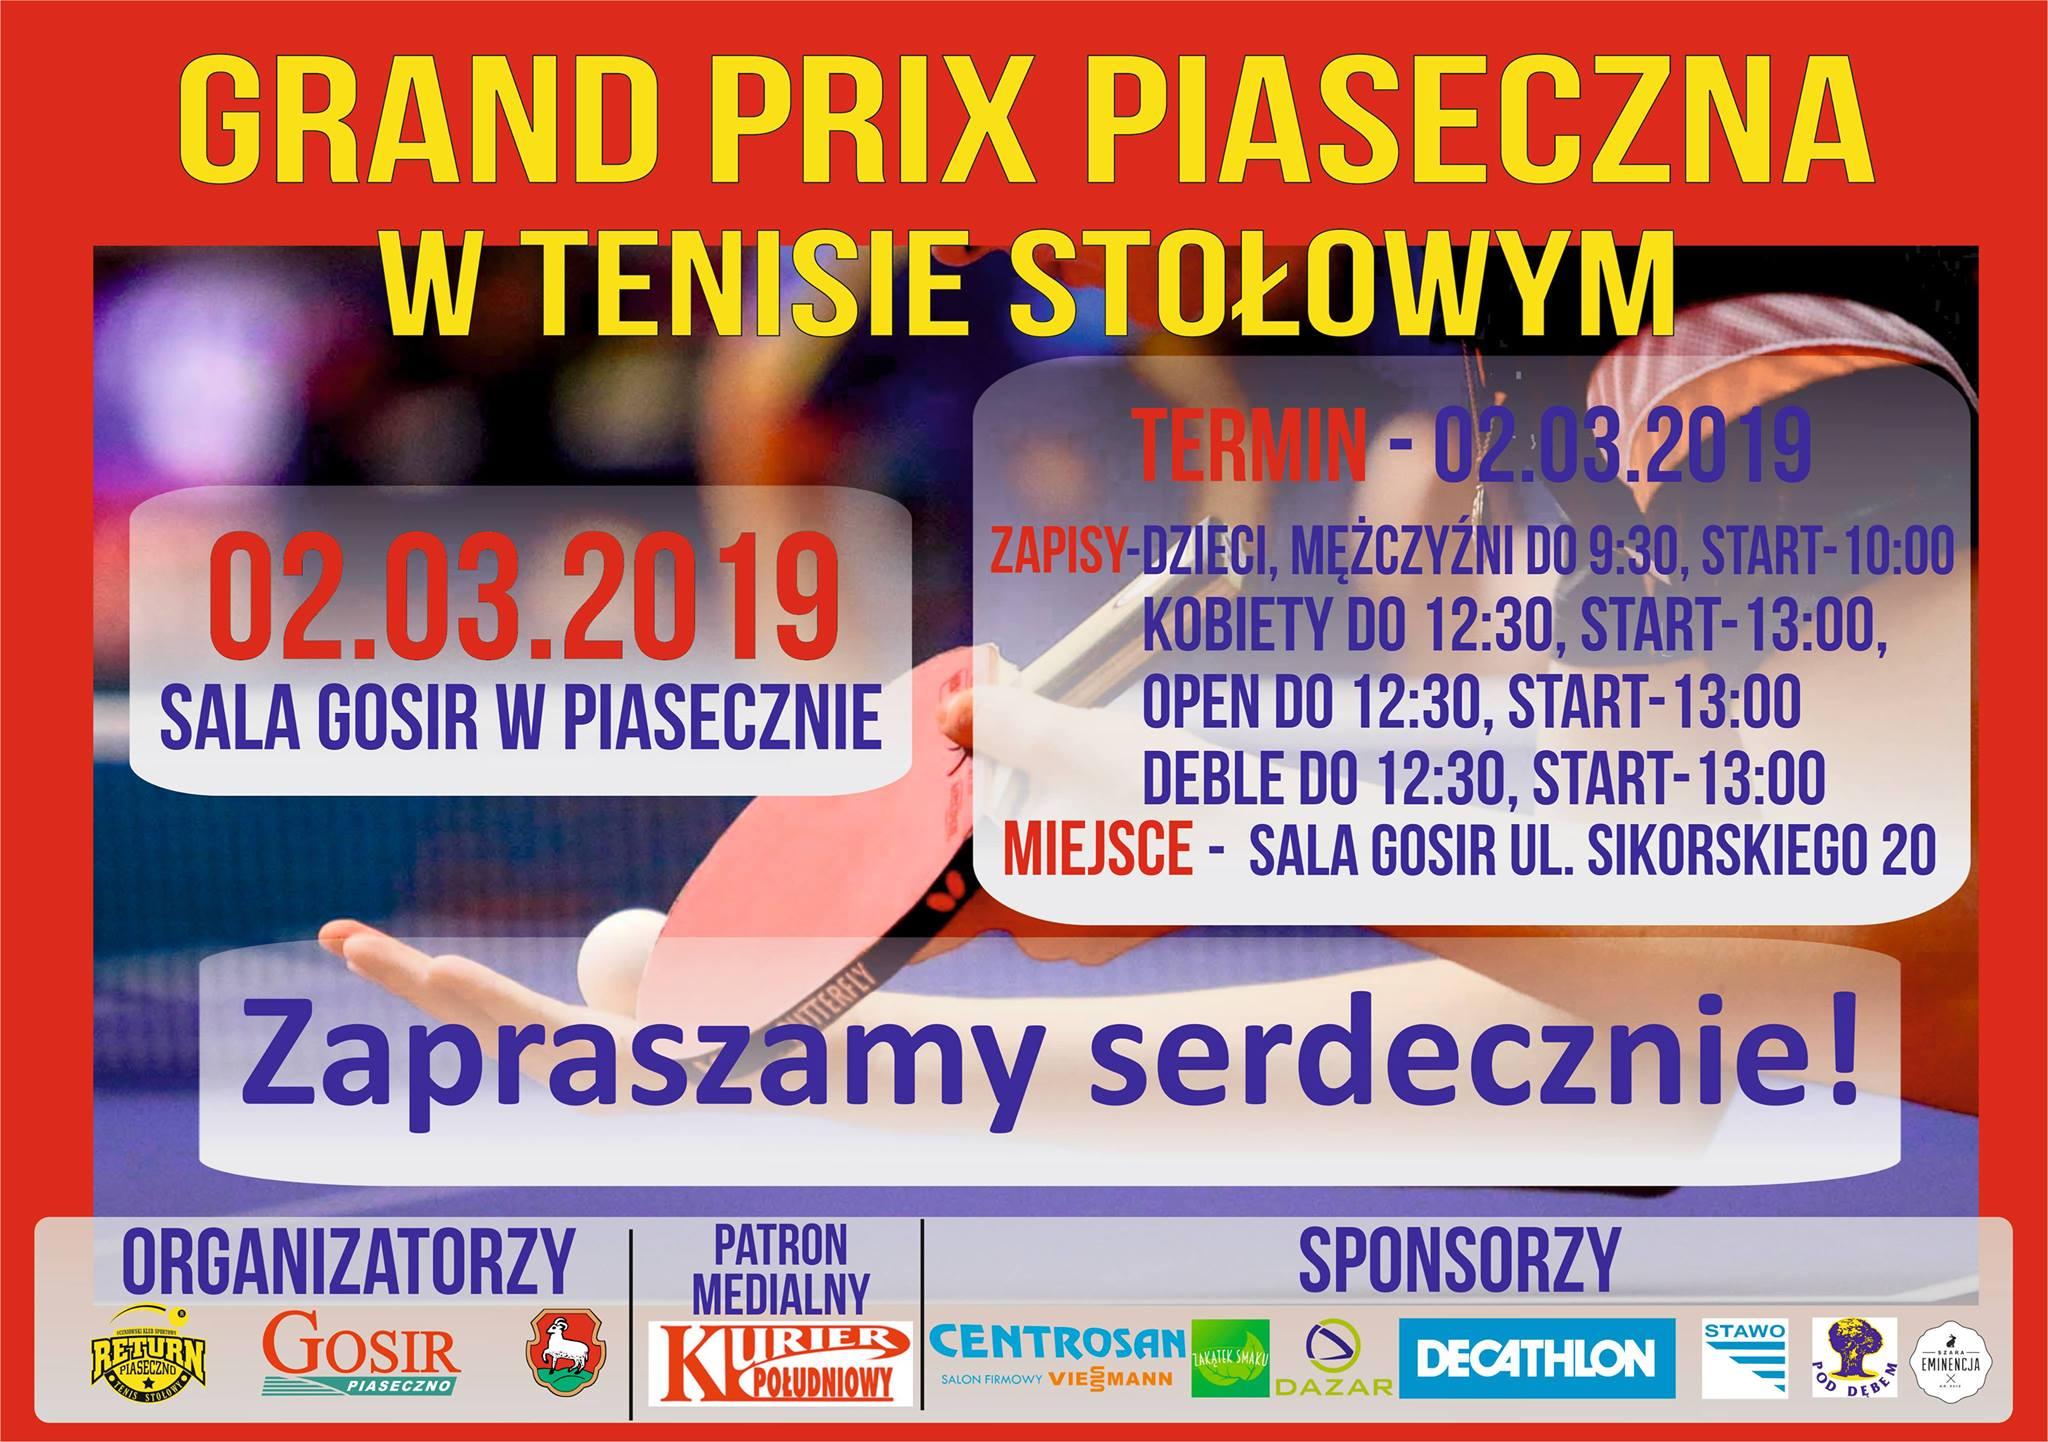 Plakat turnieju VII Grand Prix Piaseczna w tenisie stołowym XXI edycji